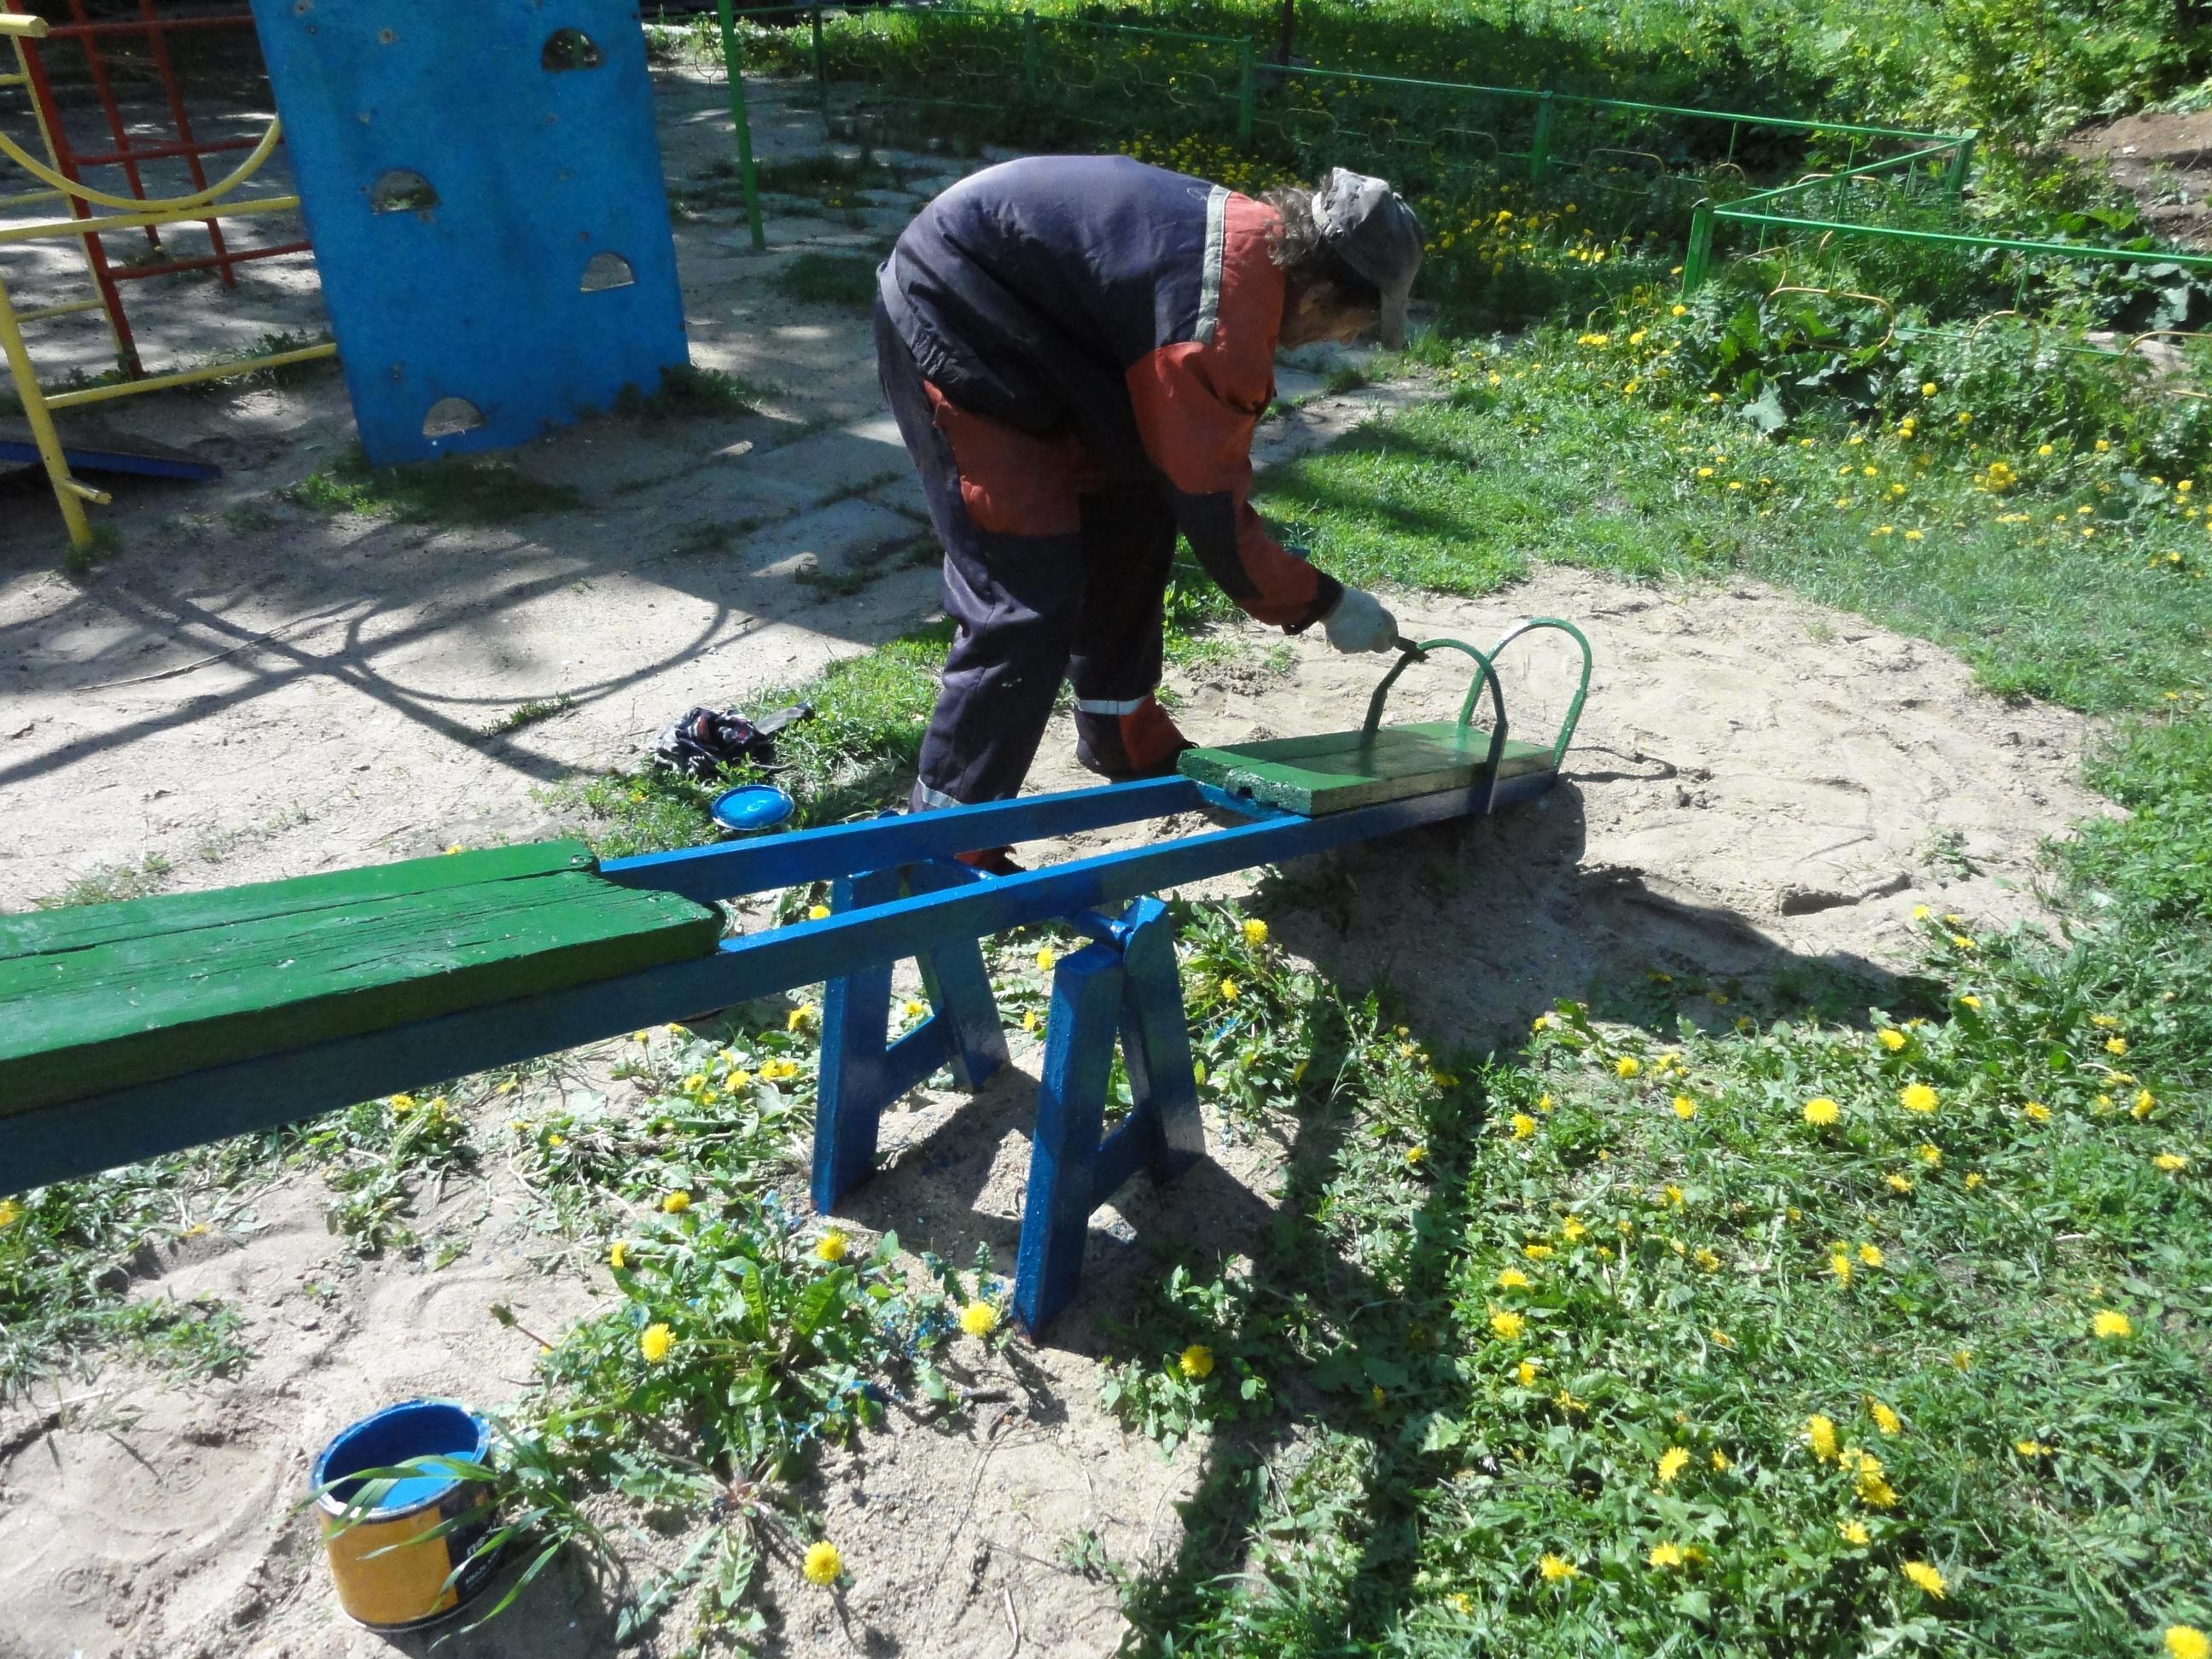 Баженов: За неделю благодаря Госадмтехнадзору устранены нарушения на детских площадках в 13 муниципалитетах Подмосковья